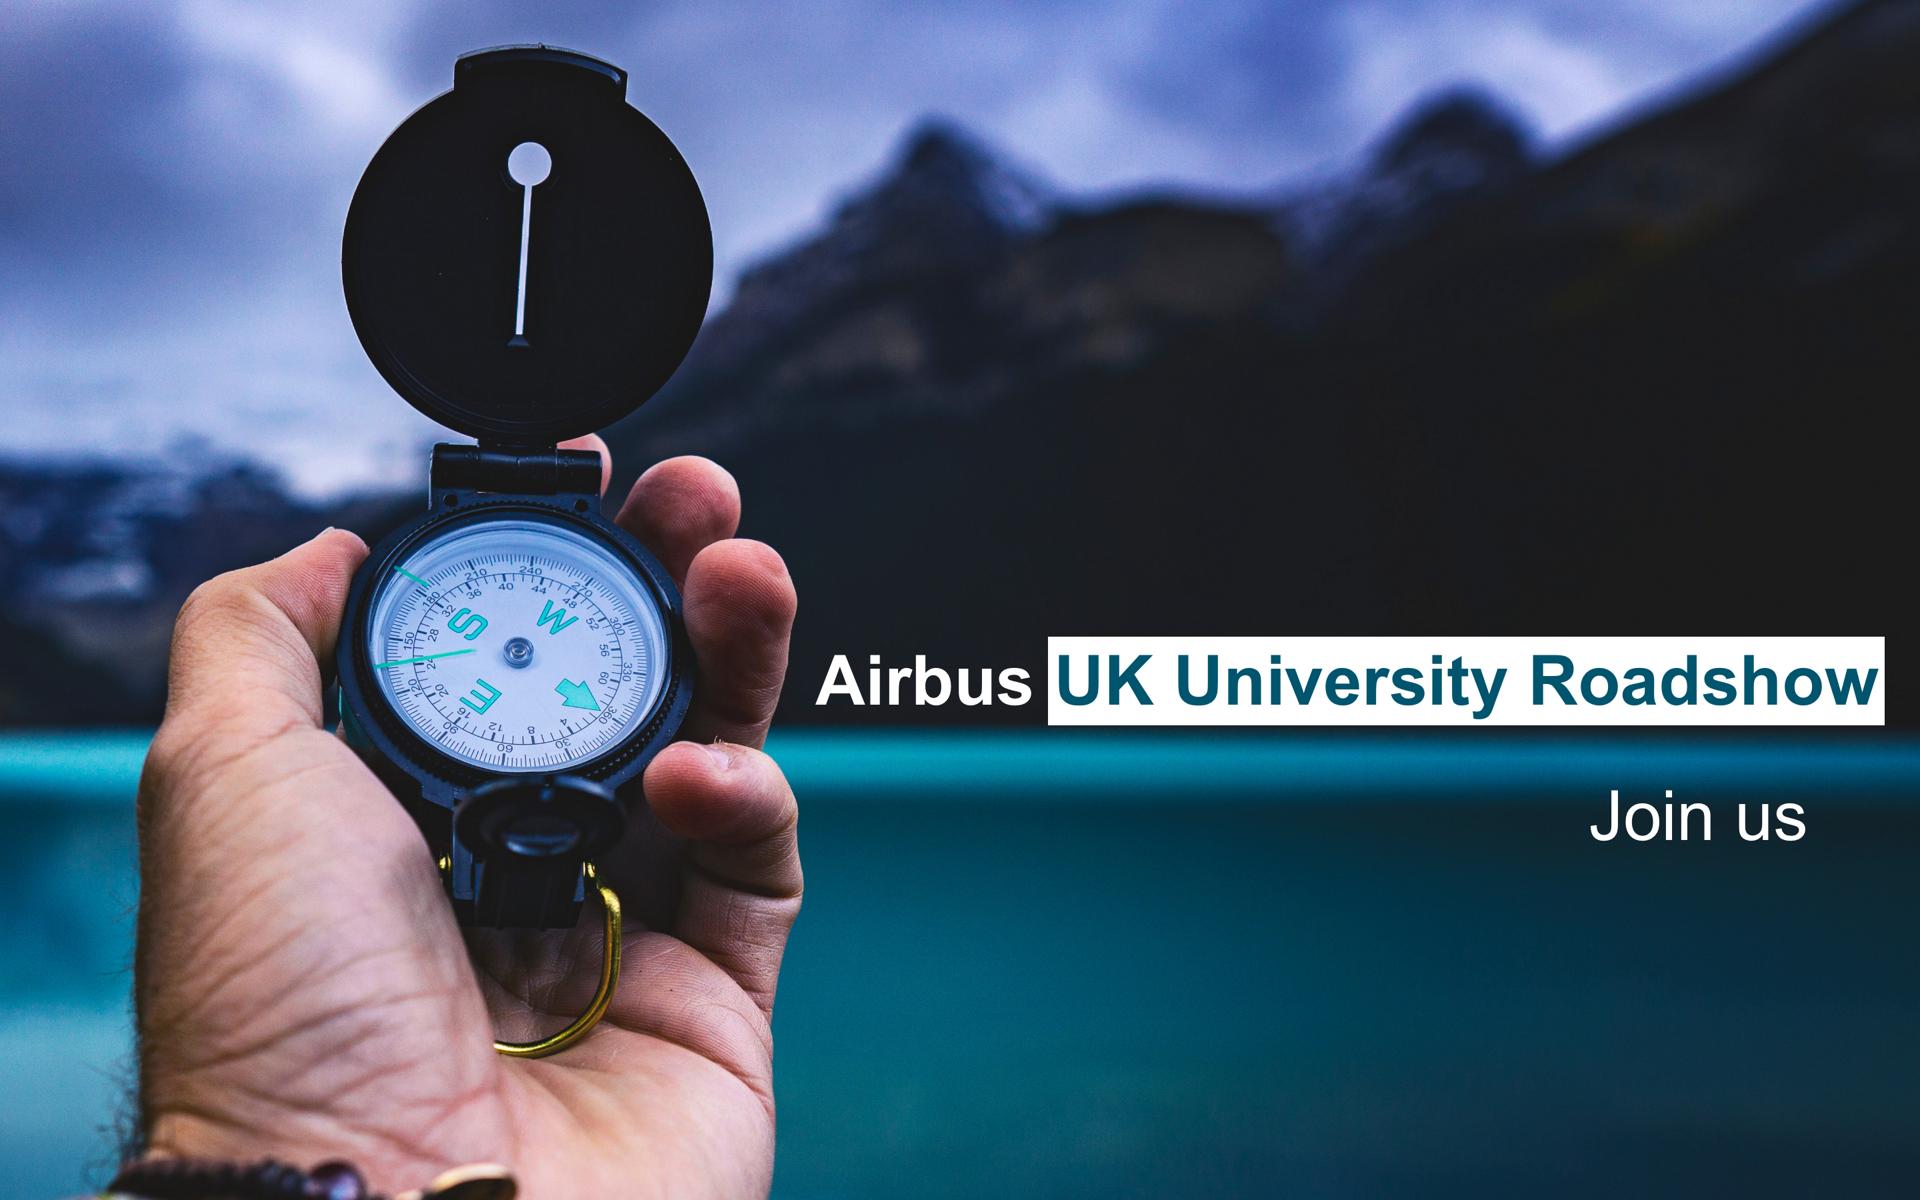 UK University Roadshow 2021